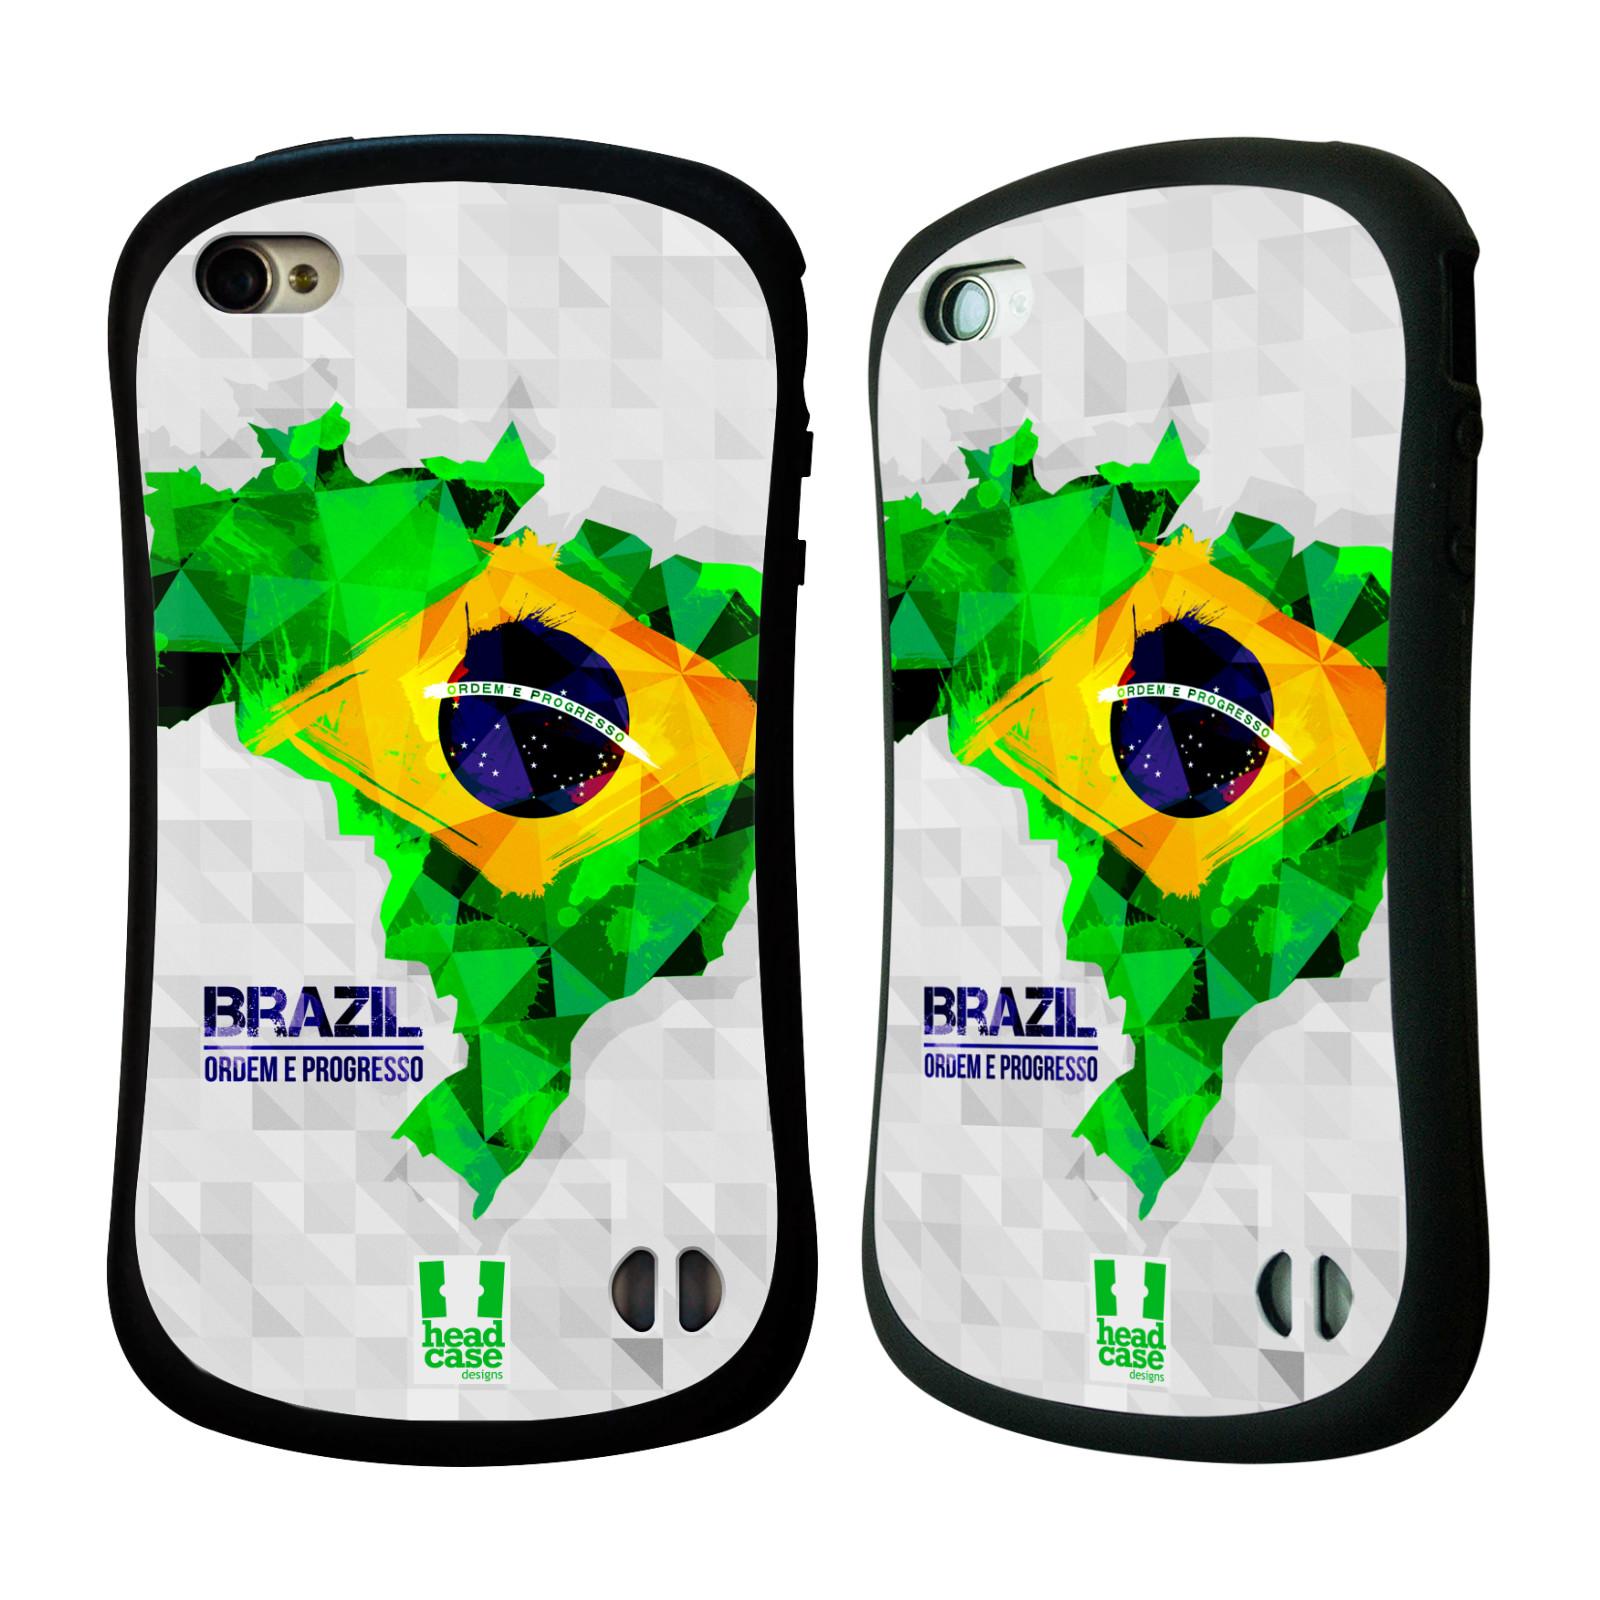 Nárazuvzdorné pouzdro na mobil Apple iPhone 4 a 4S HEAD CASE GEOMAPA BRAZÍLIE (Odolný nárazuvzdorný silikonový kryt či obal na mobilní telefon Apple iPhone 4 a 4S)